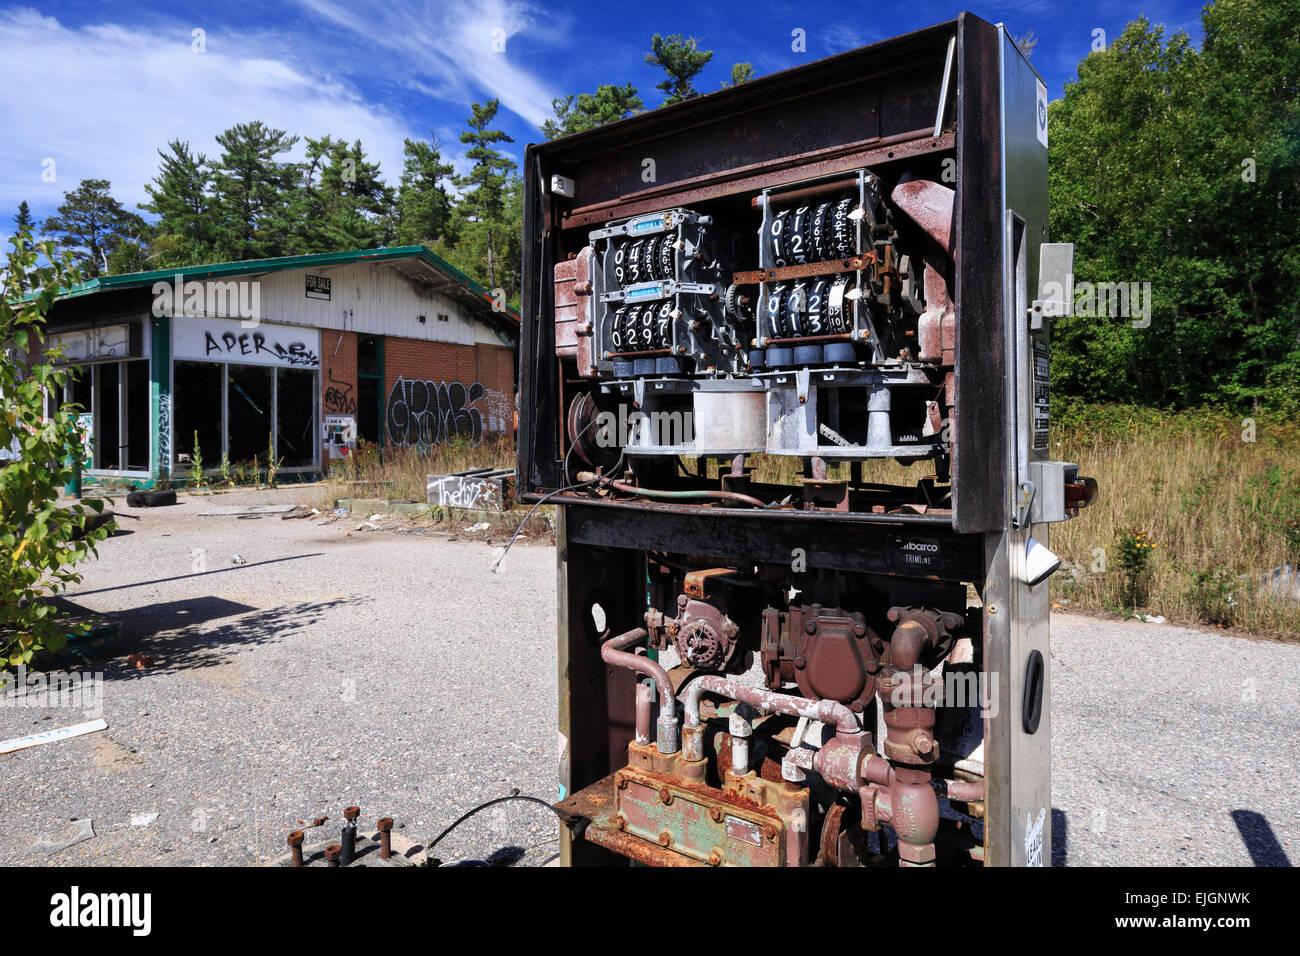 Abandoned Gas Station Northwestern Ontario Canada Stock Photo Alamy